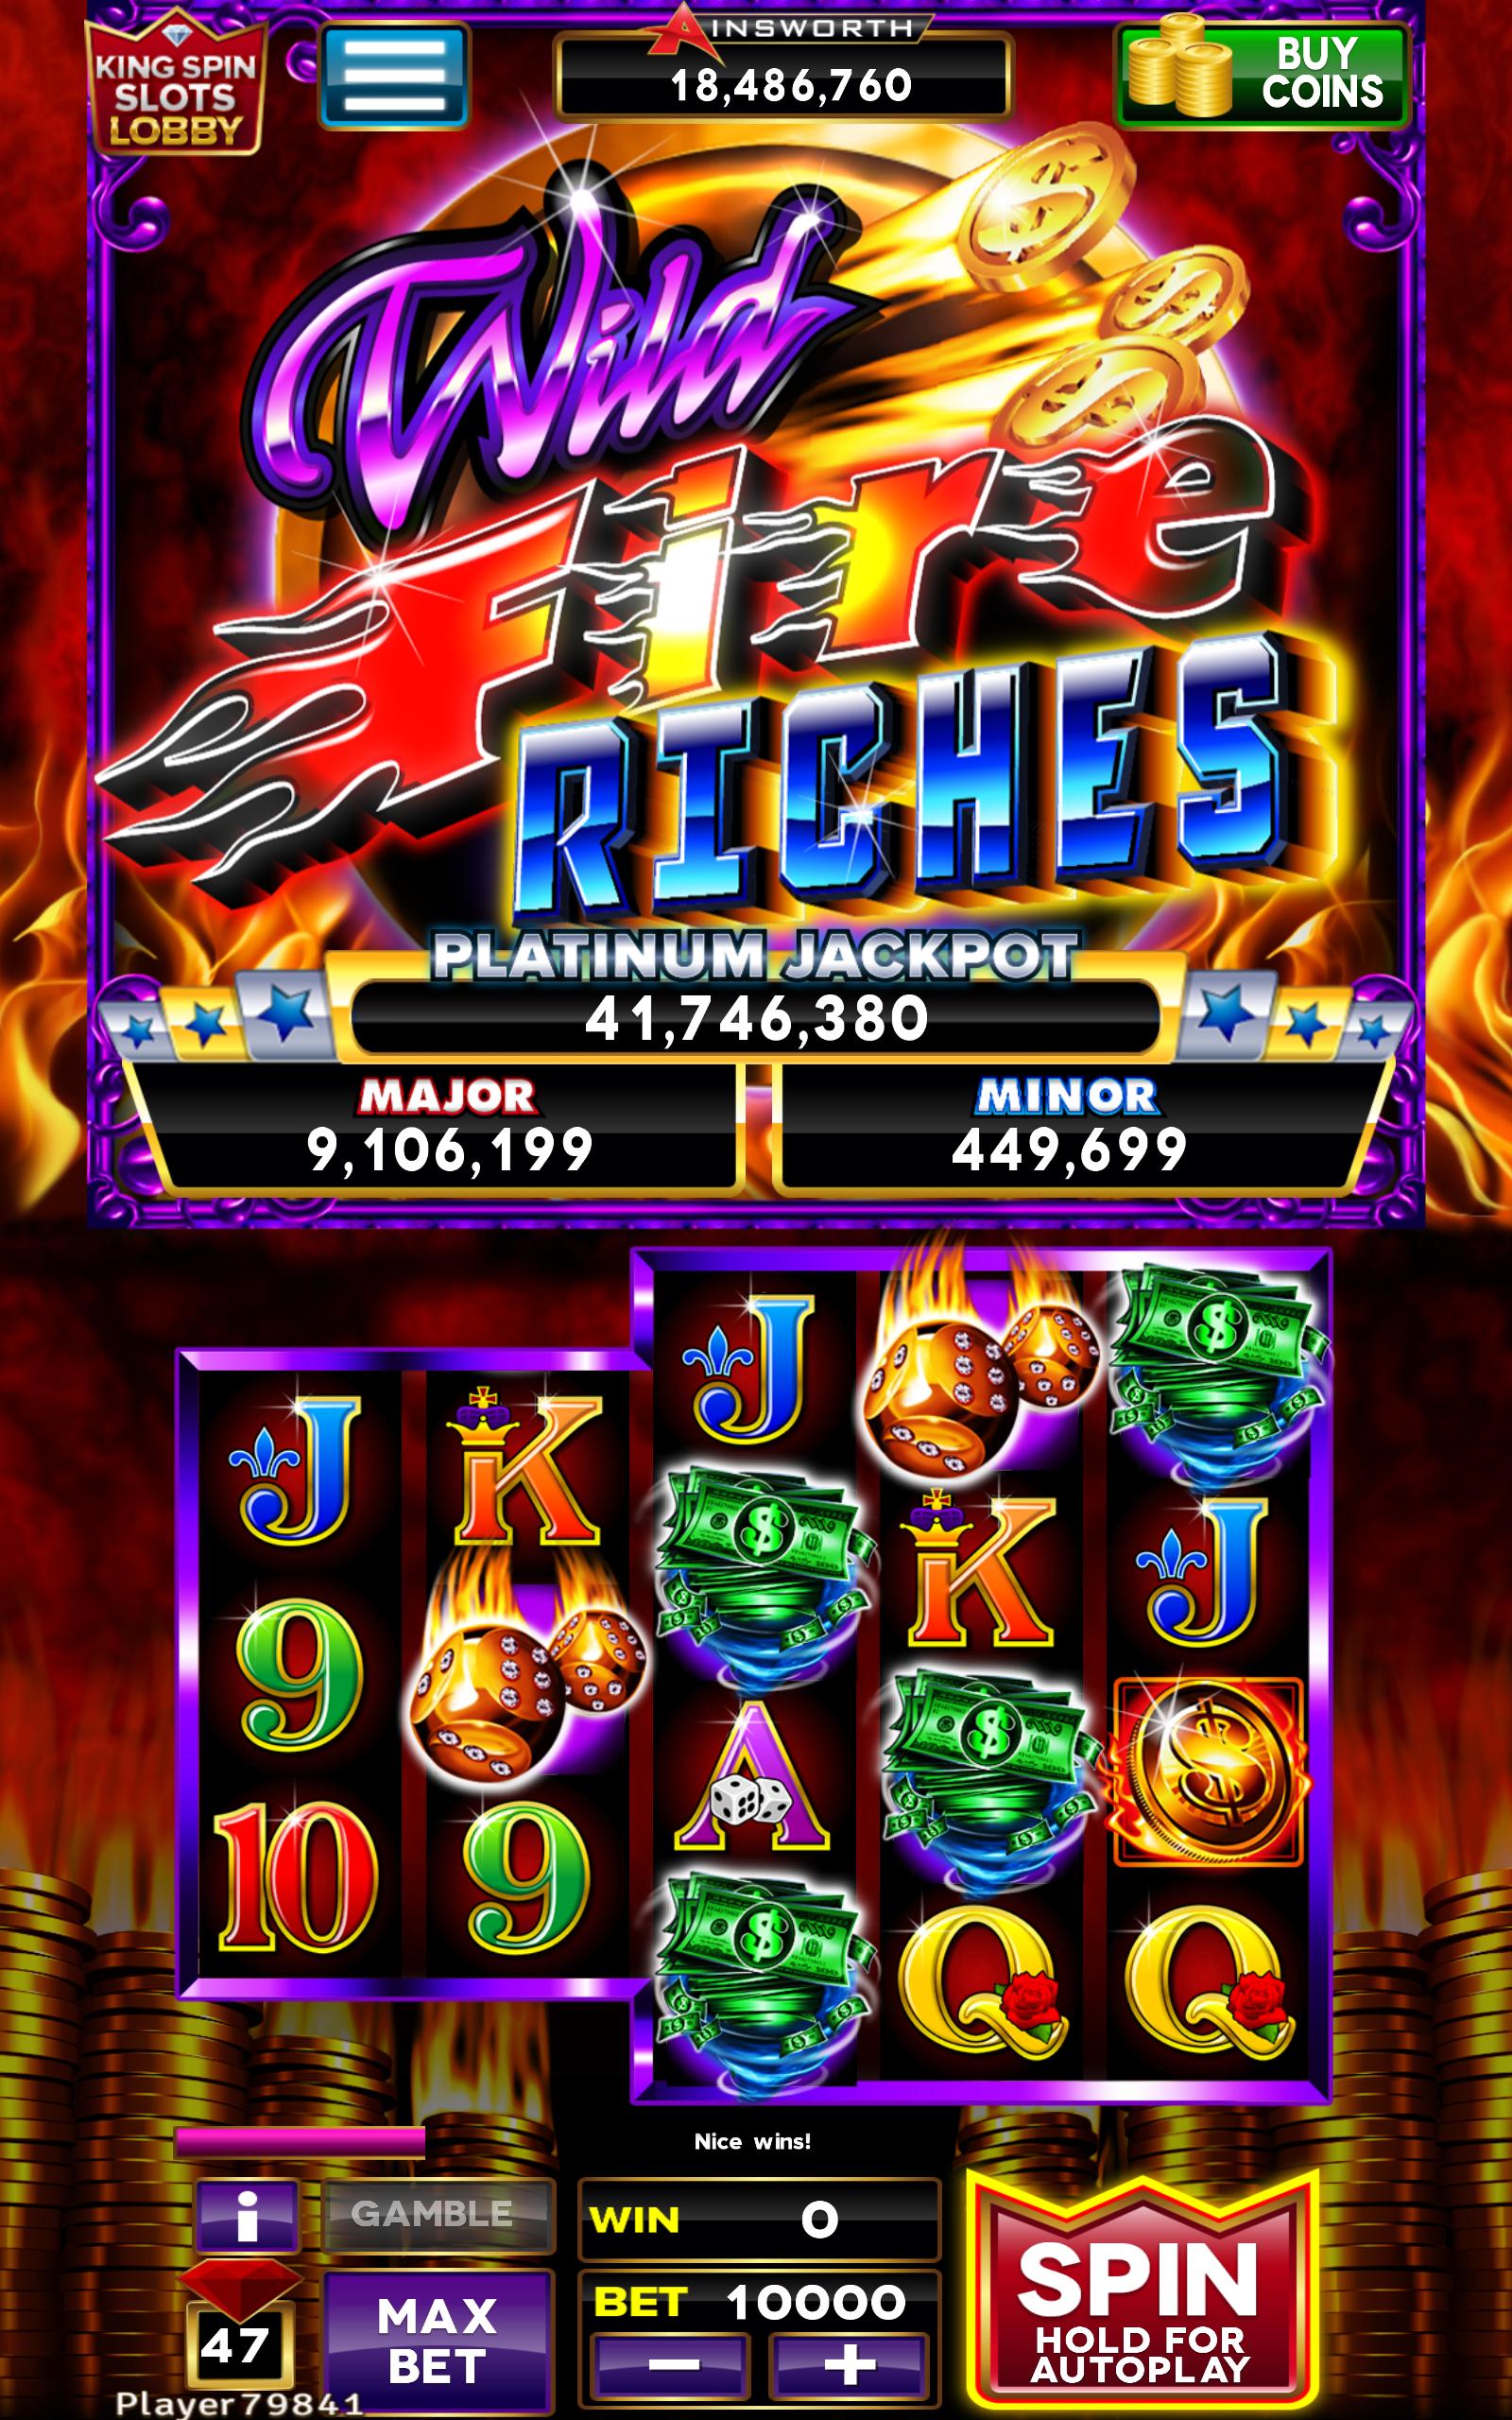 King Spin Slots